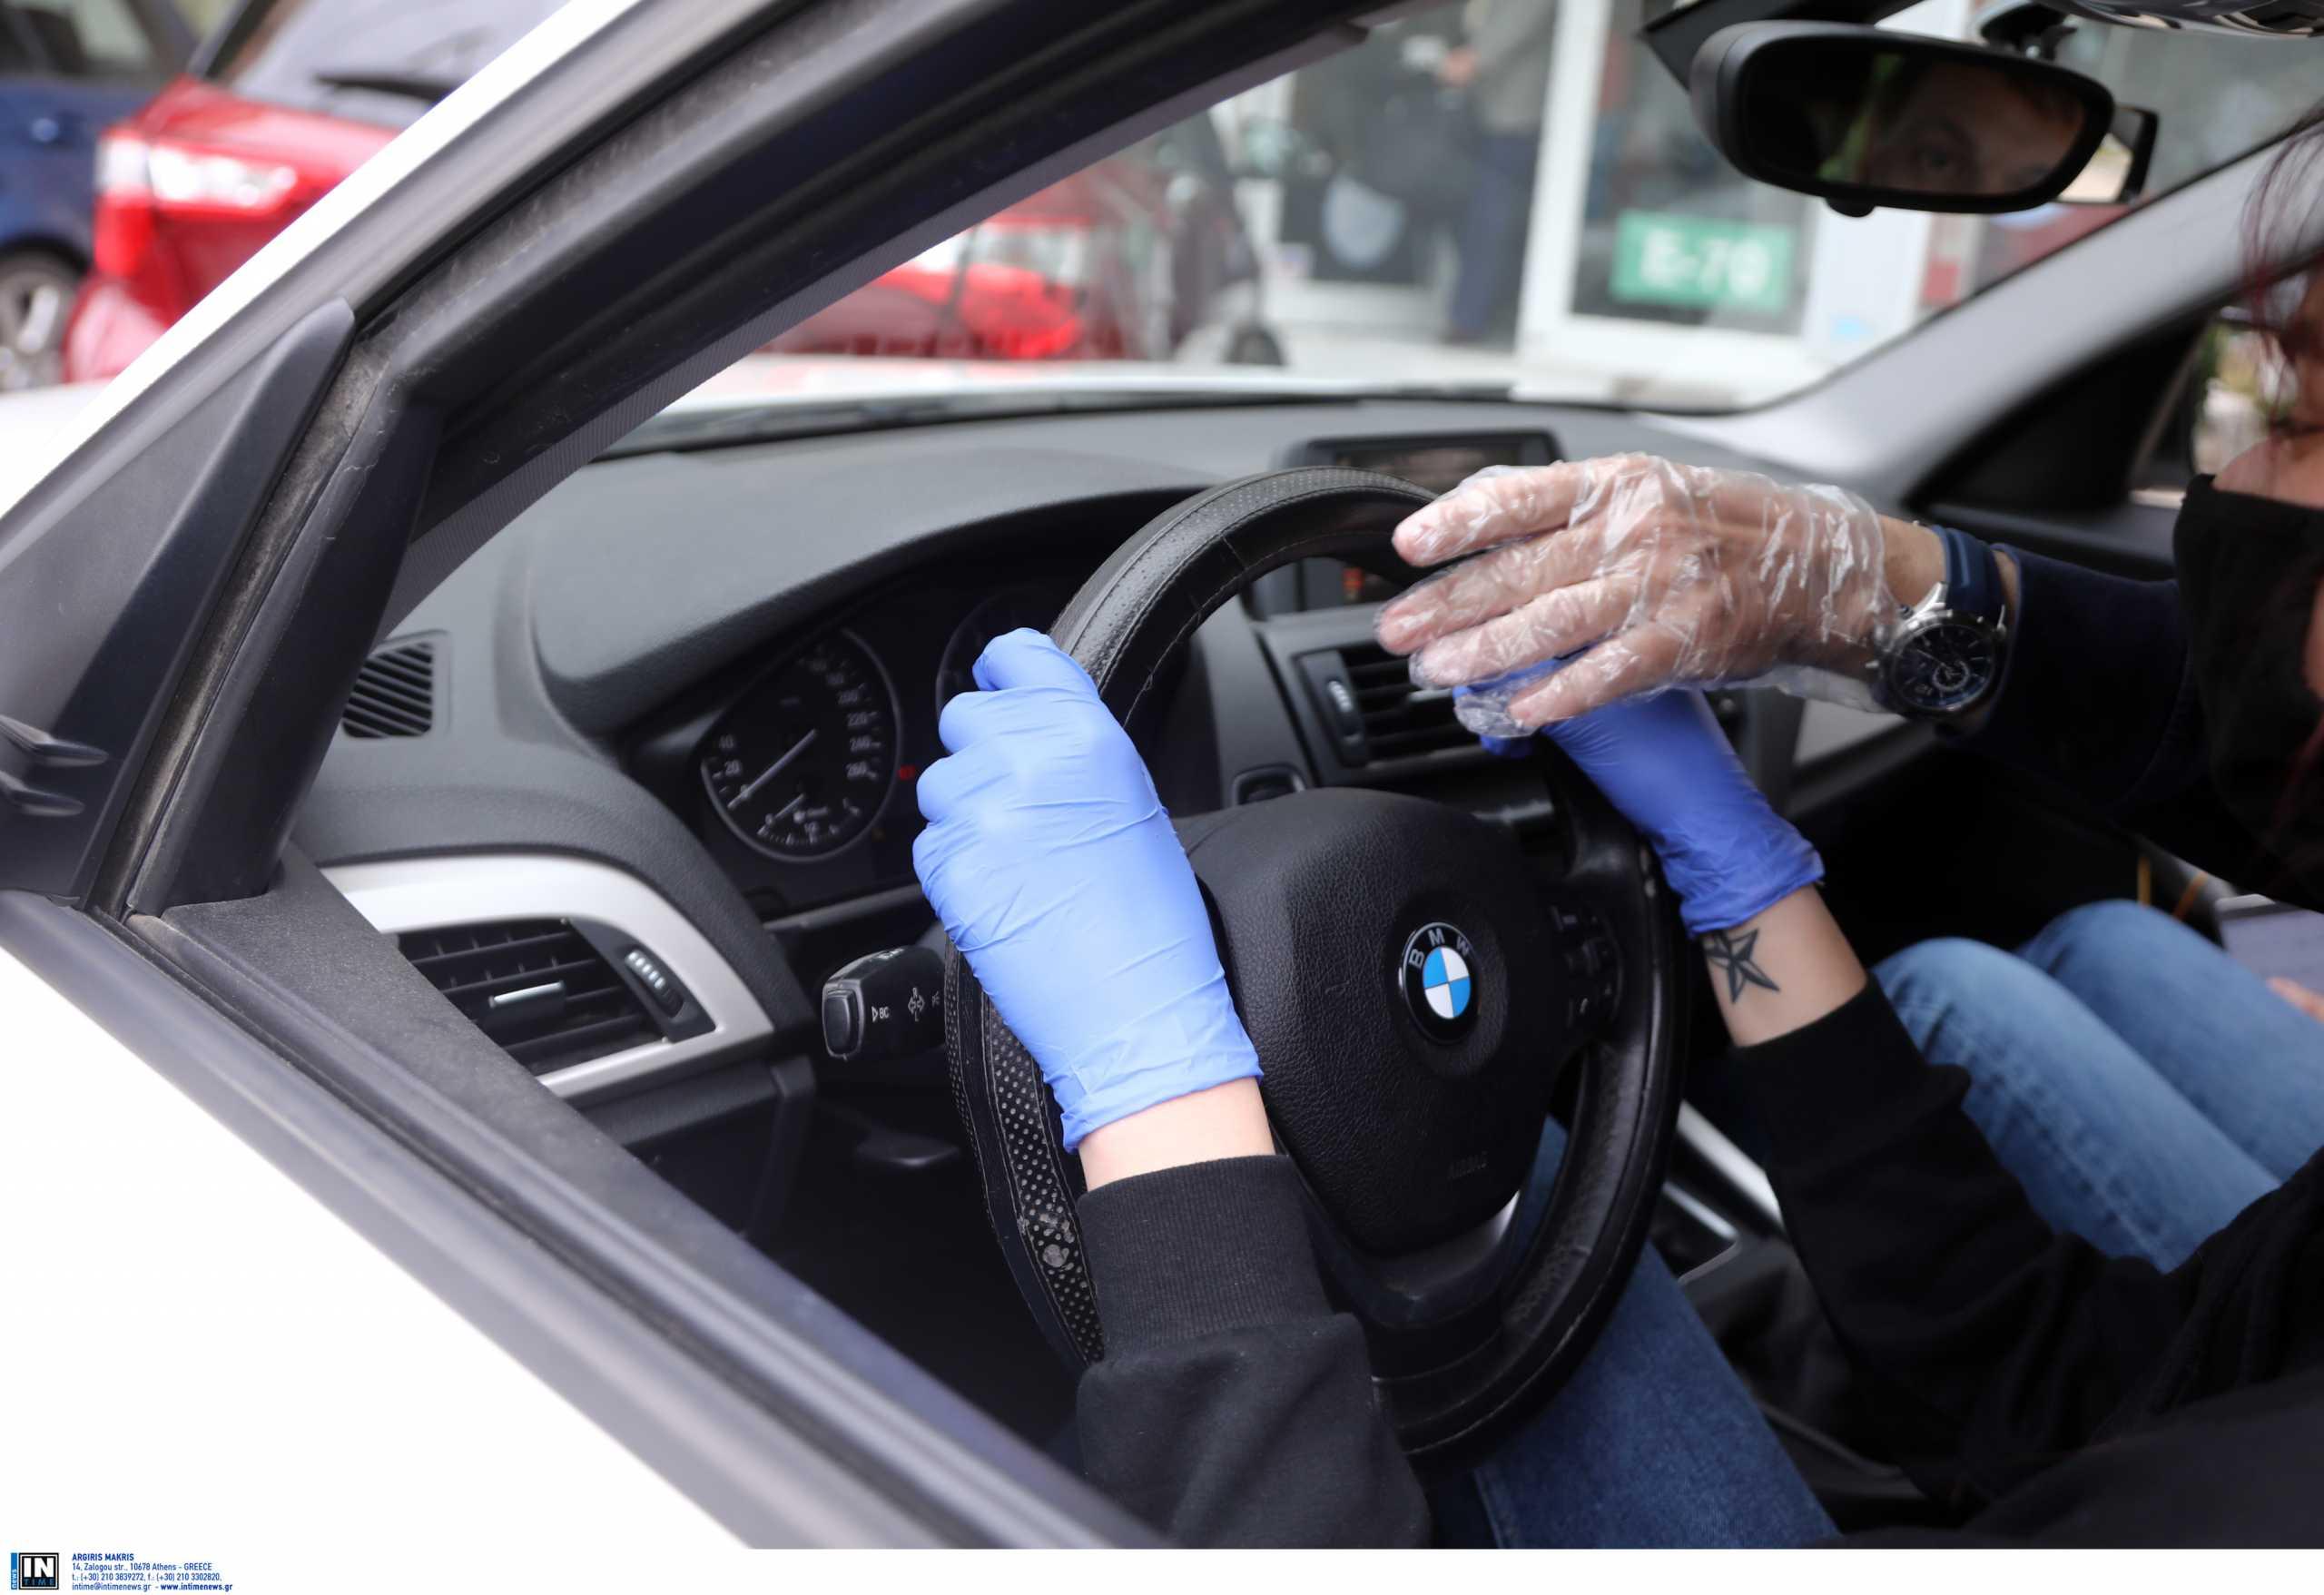 Σχολές οδηγών: Κινδυνεύει με λουκέτο το 30% των επιχειρήσεων